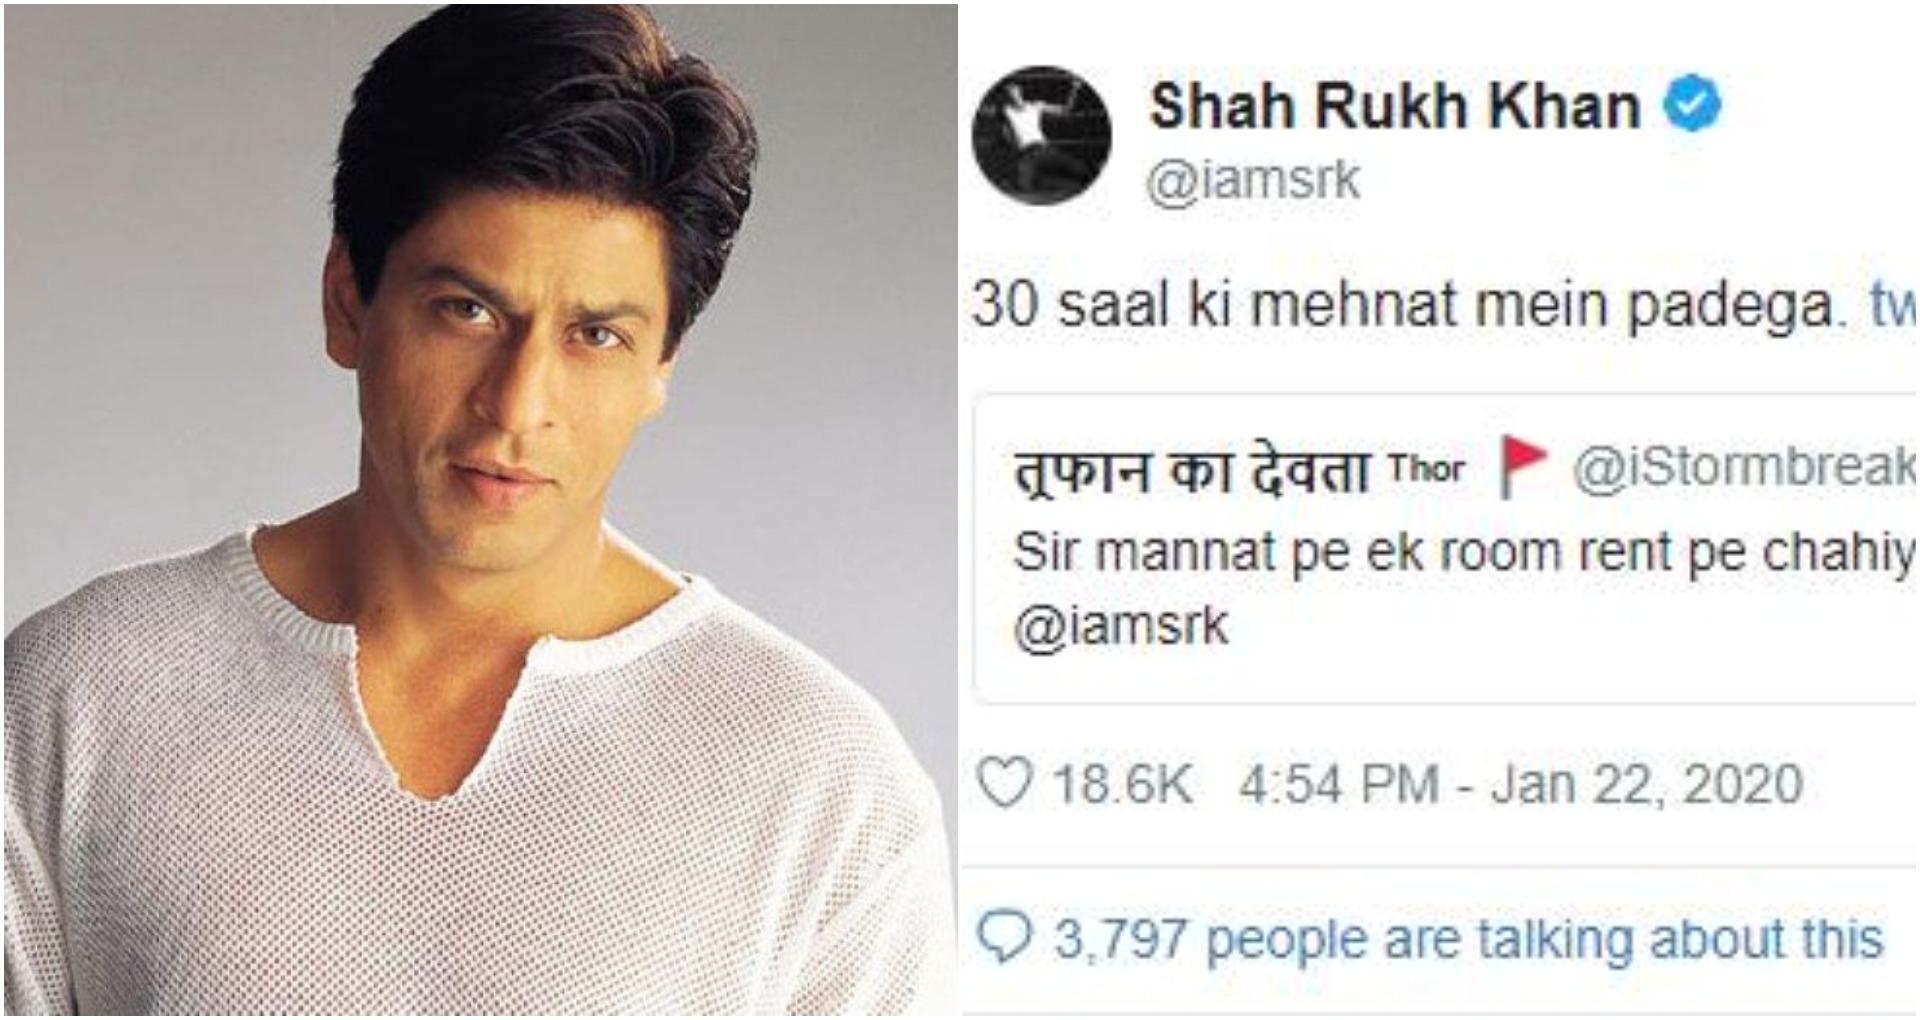 #AskSRK: शाहरुख खान ने खुद बताया मन्नत के एक कमरे का किराया , रितेश देशमुख ने भी पूछा अबराम को लेकर ये खास सवाल